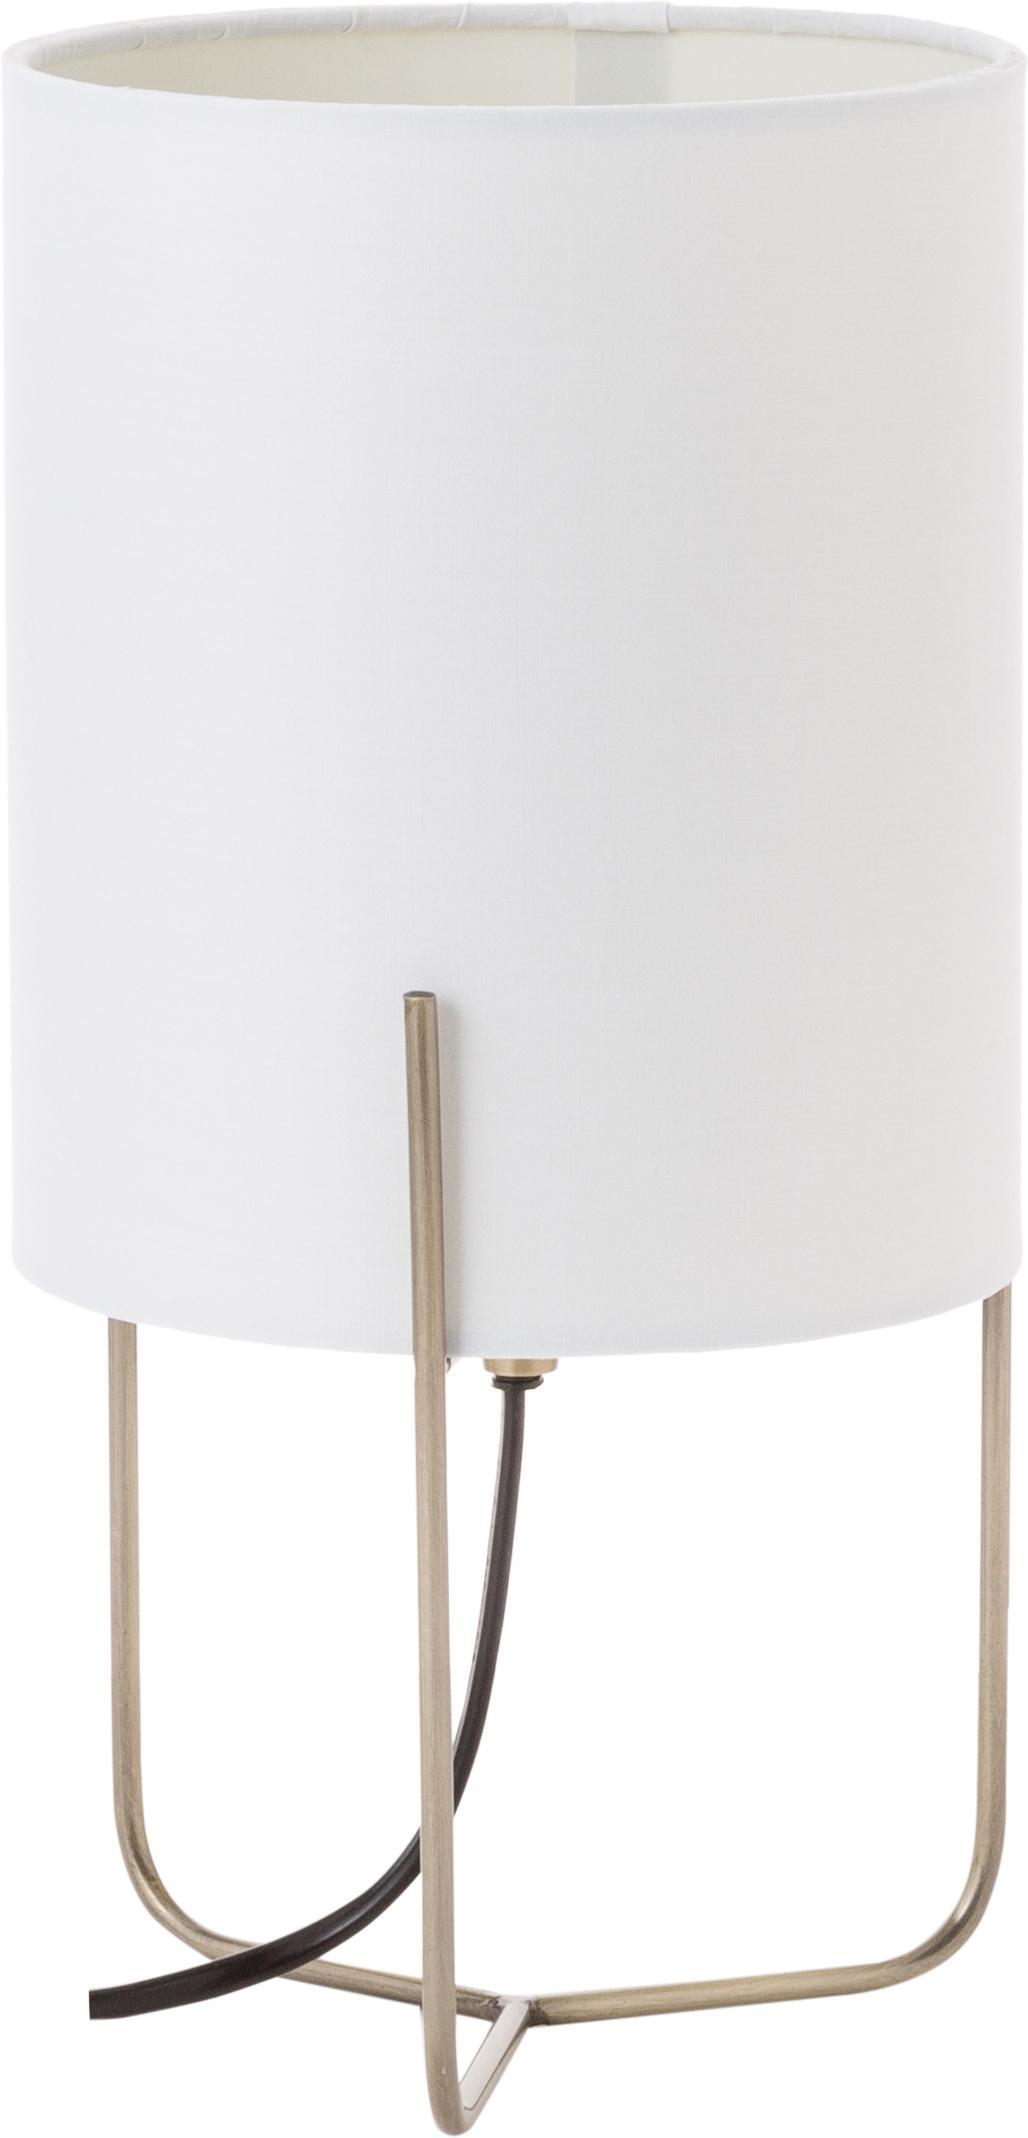 Lámpara de mesa pequeña Odin, estilo clásico, Pantalla: poliéster, Cable: cubierto en tela, Blanco, dorado, Ø 15 x Al 30 cm